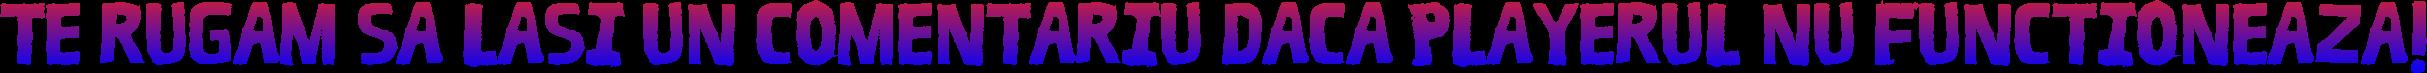 ruda-font